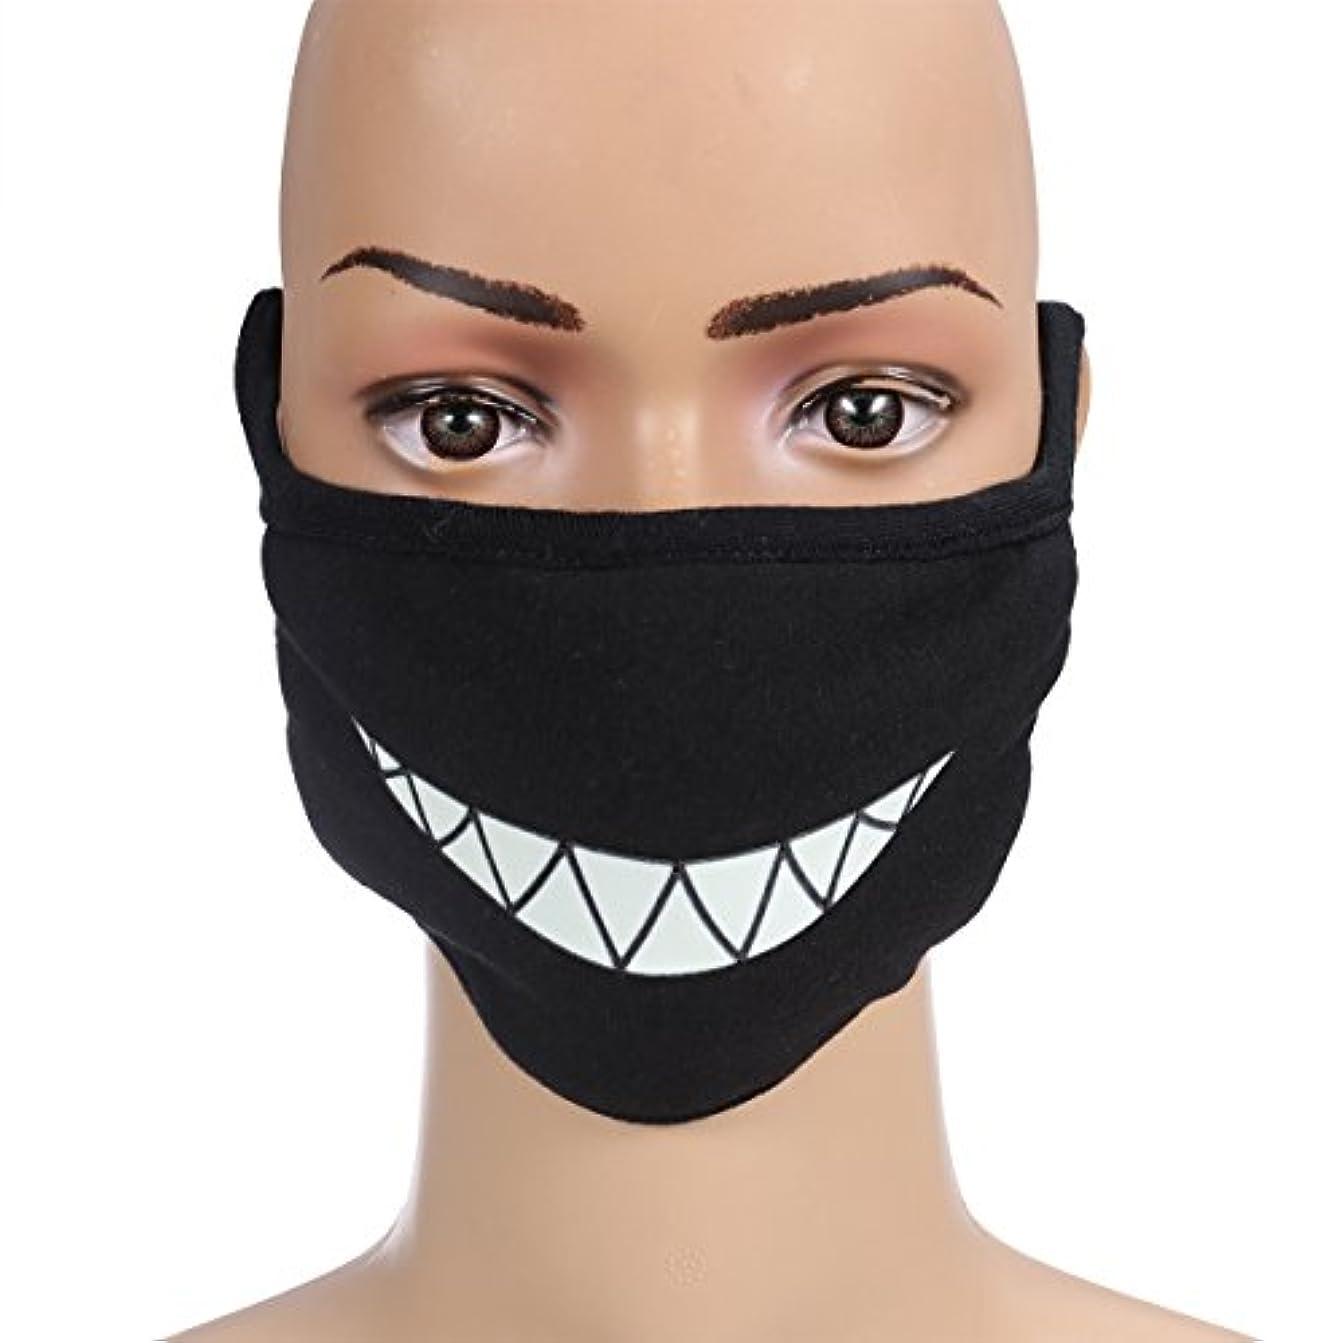 序文長さ大佐Toyvian ハロウィンコスプレ用防塵口マスク綿の歯発光口マスク